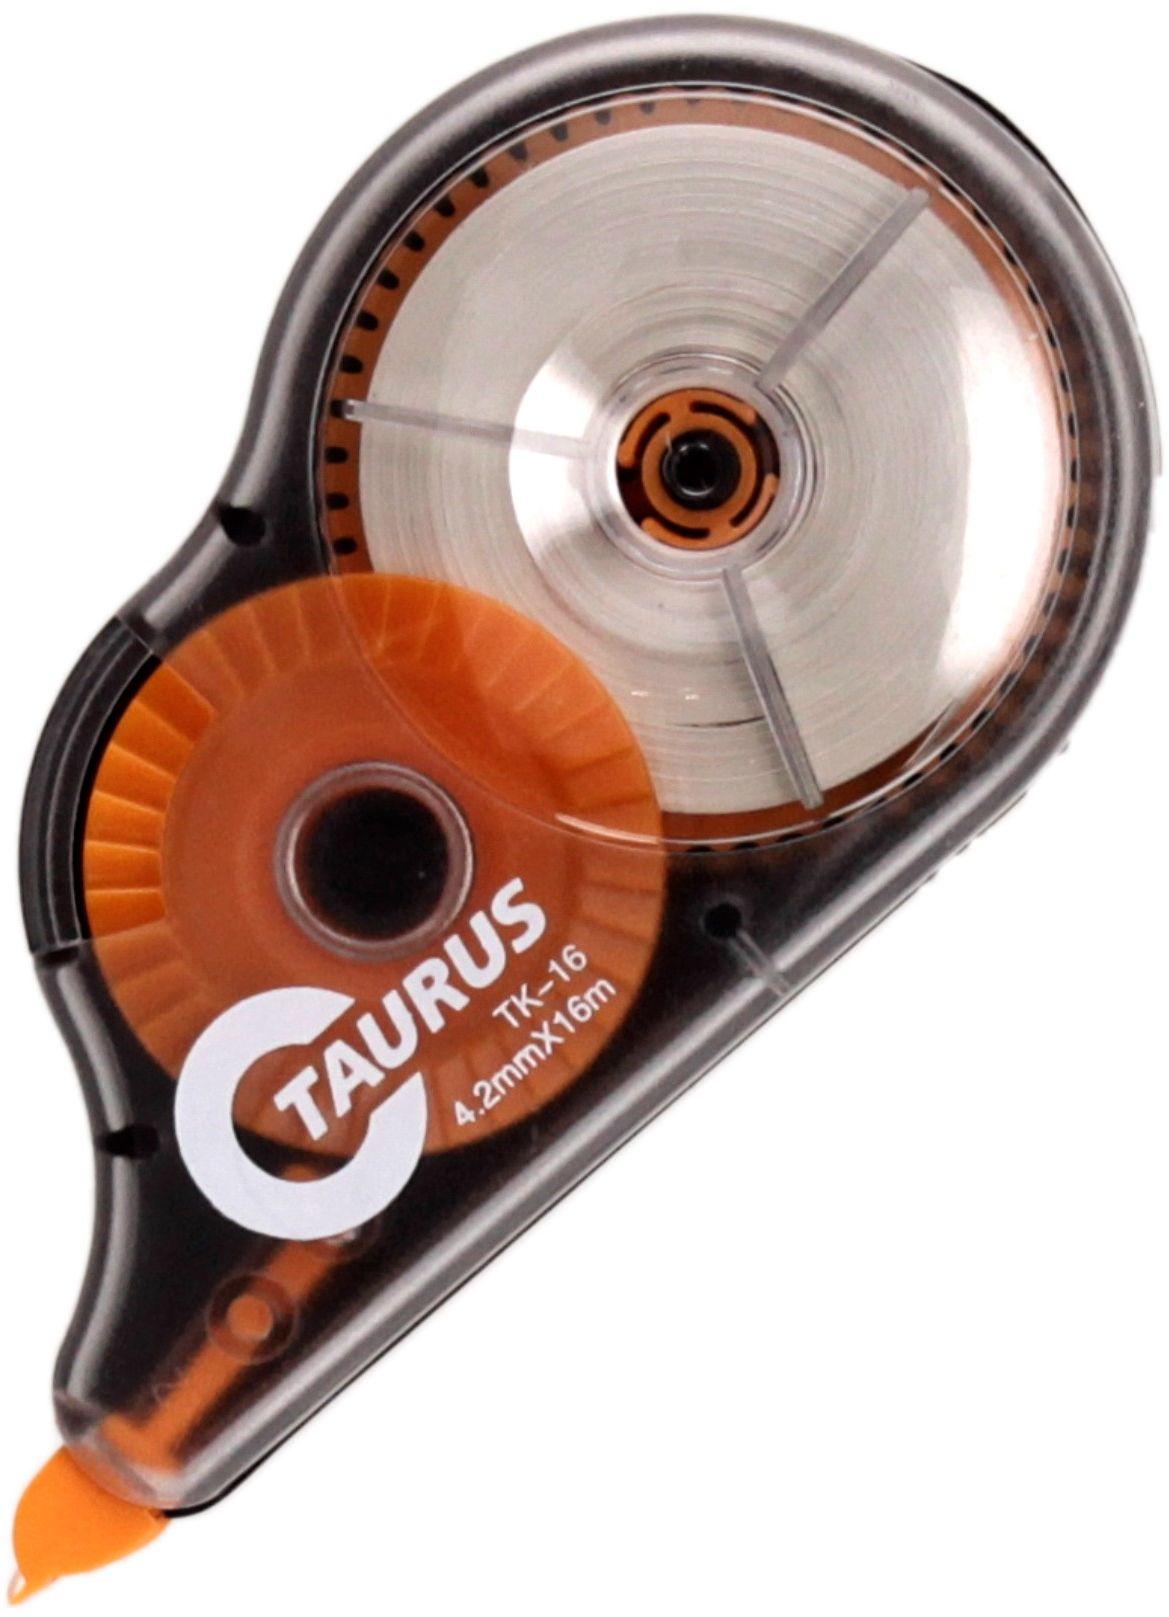 Korektor taśma 4.2mmx16m Taurus